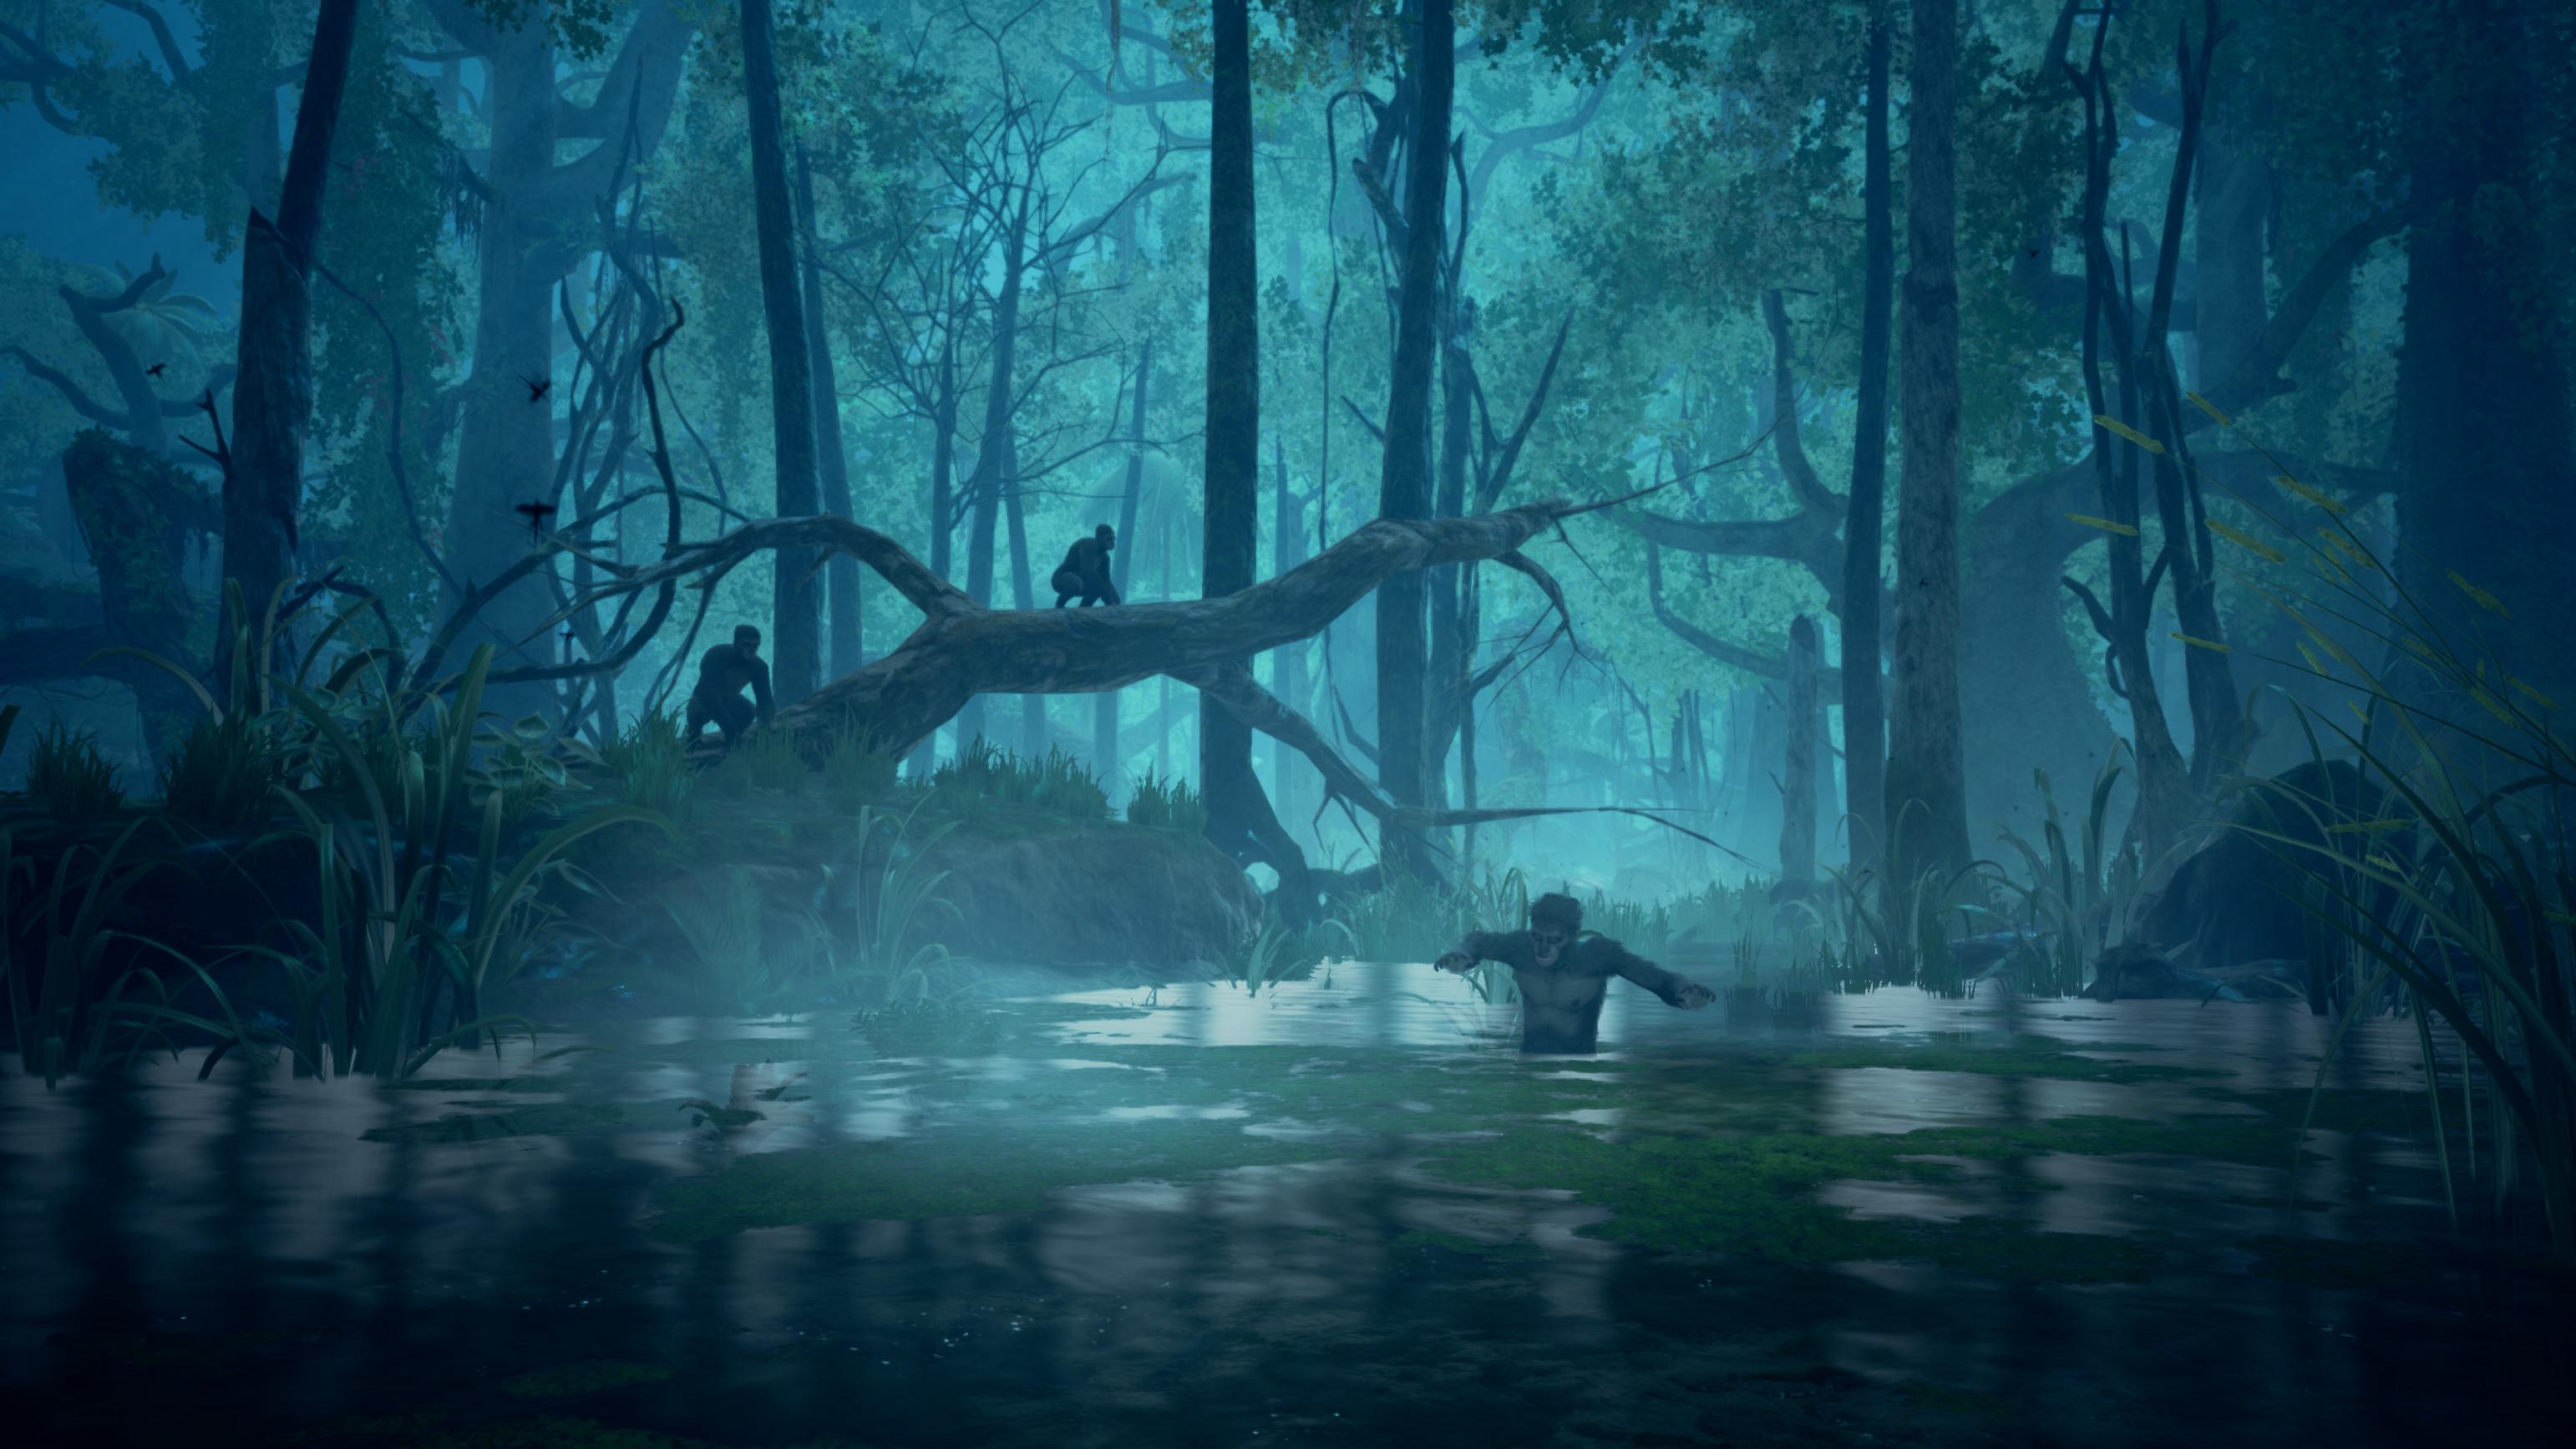 猴子模拟器? 《先祖:人类漫游》发布中文宣传片